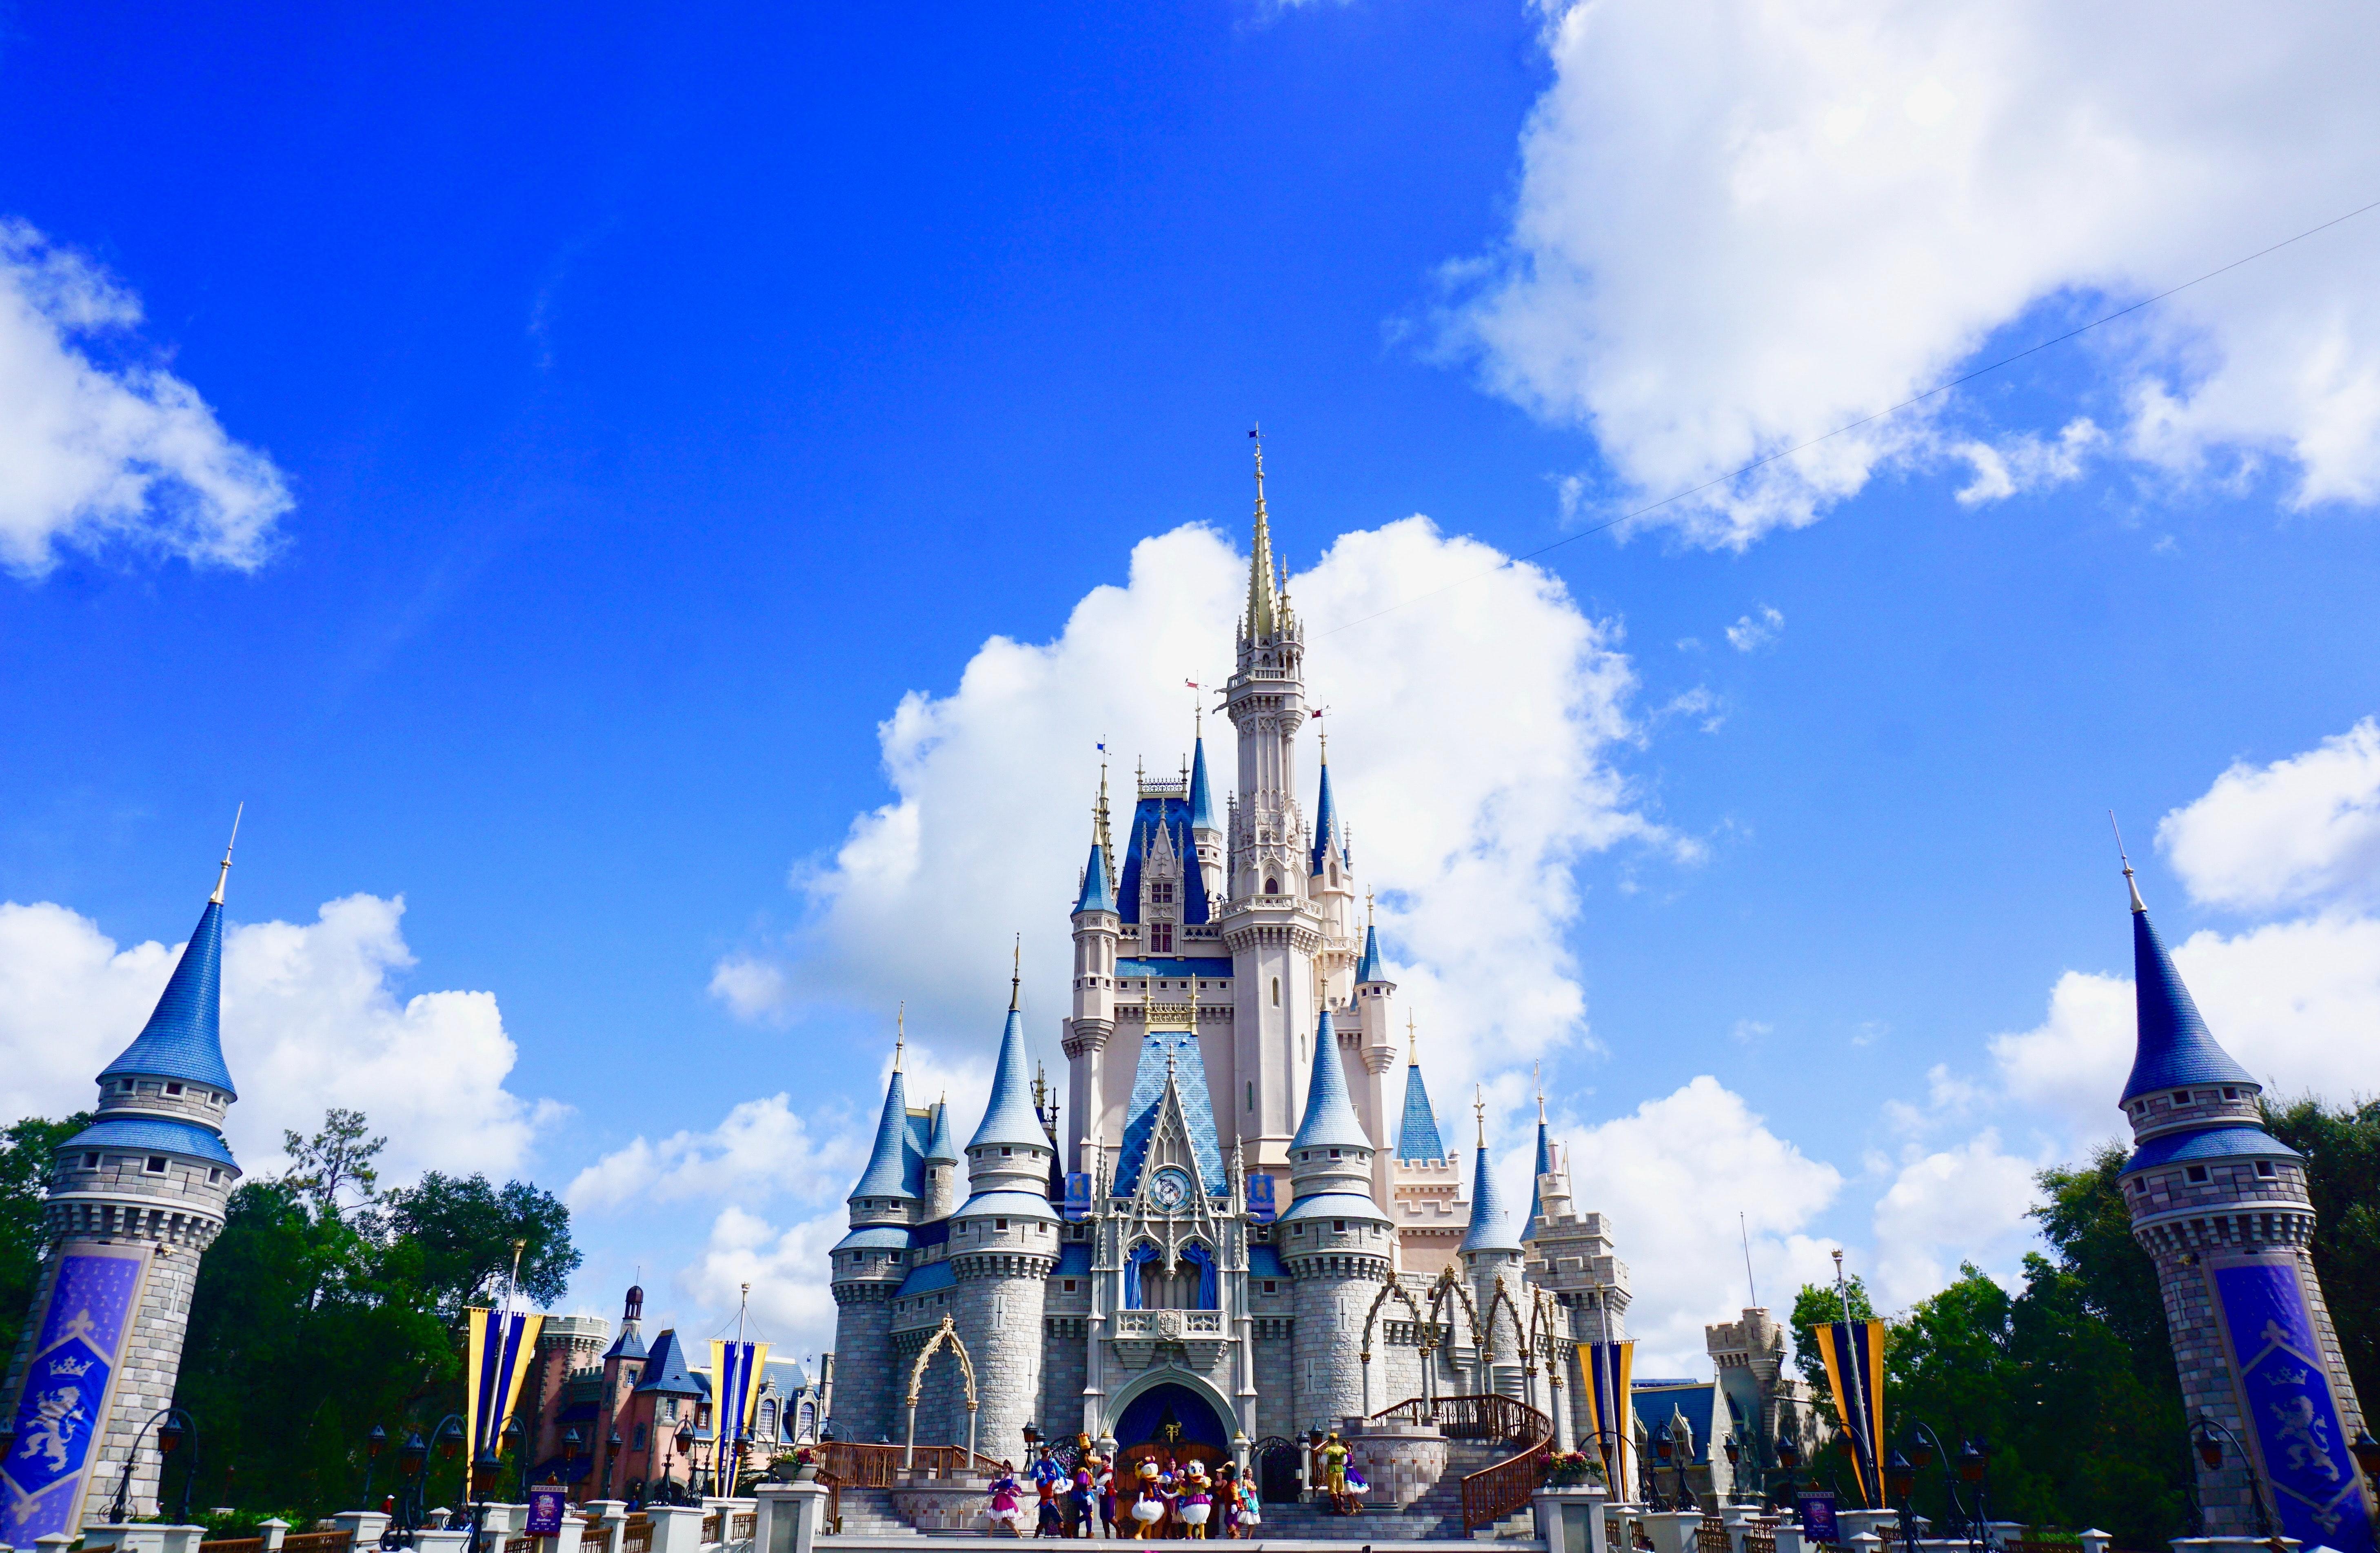 Cinderella's Castle Disney